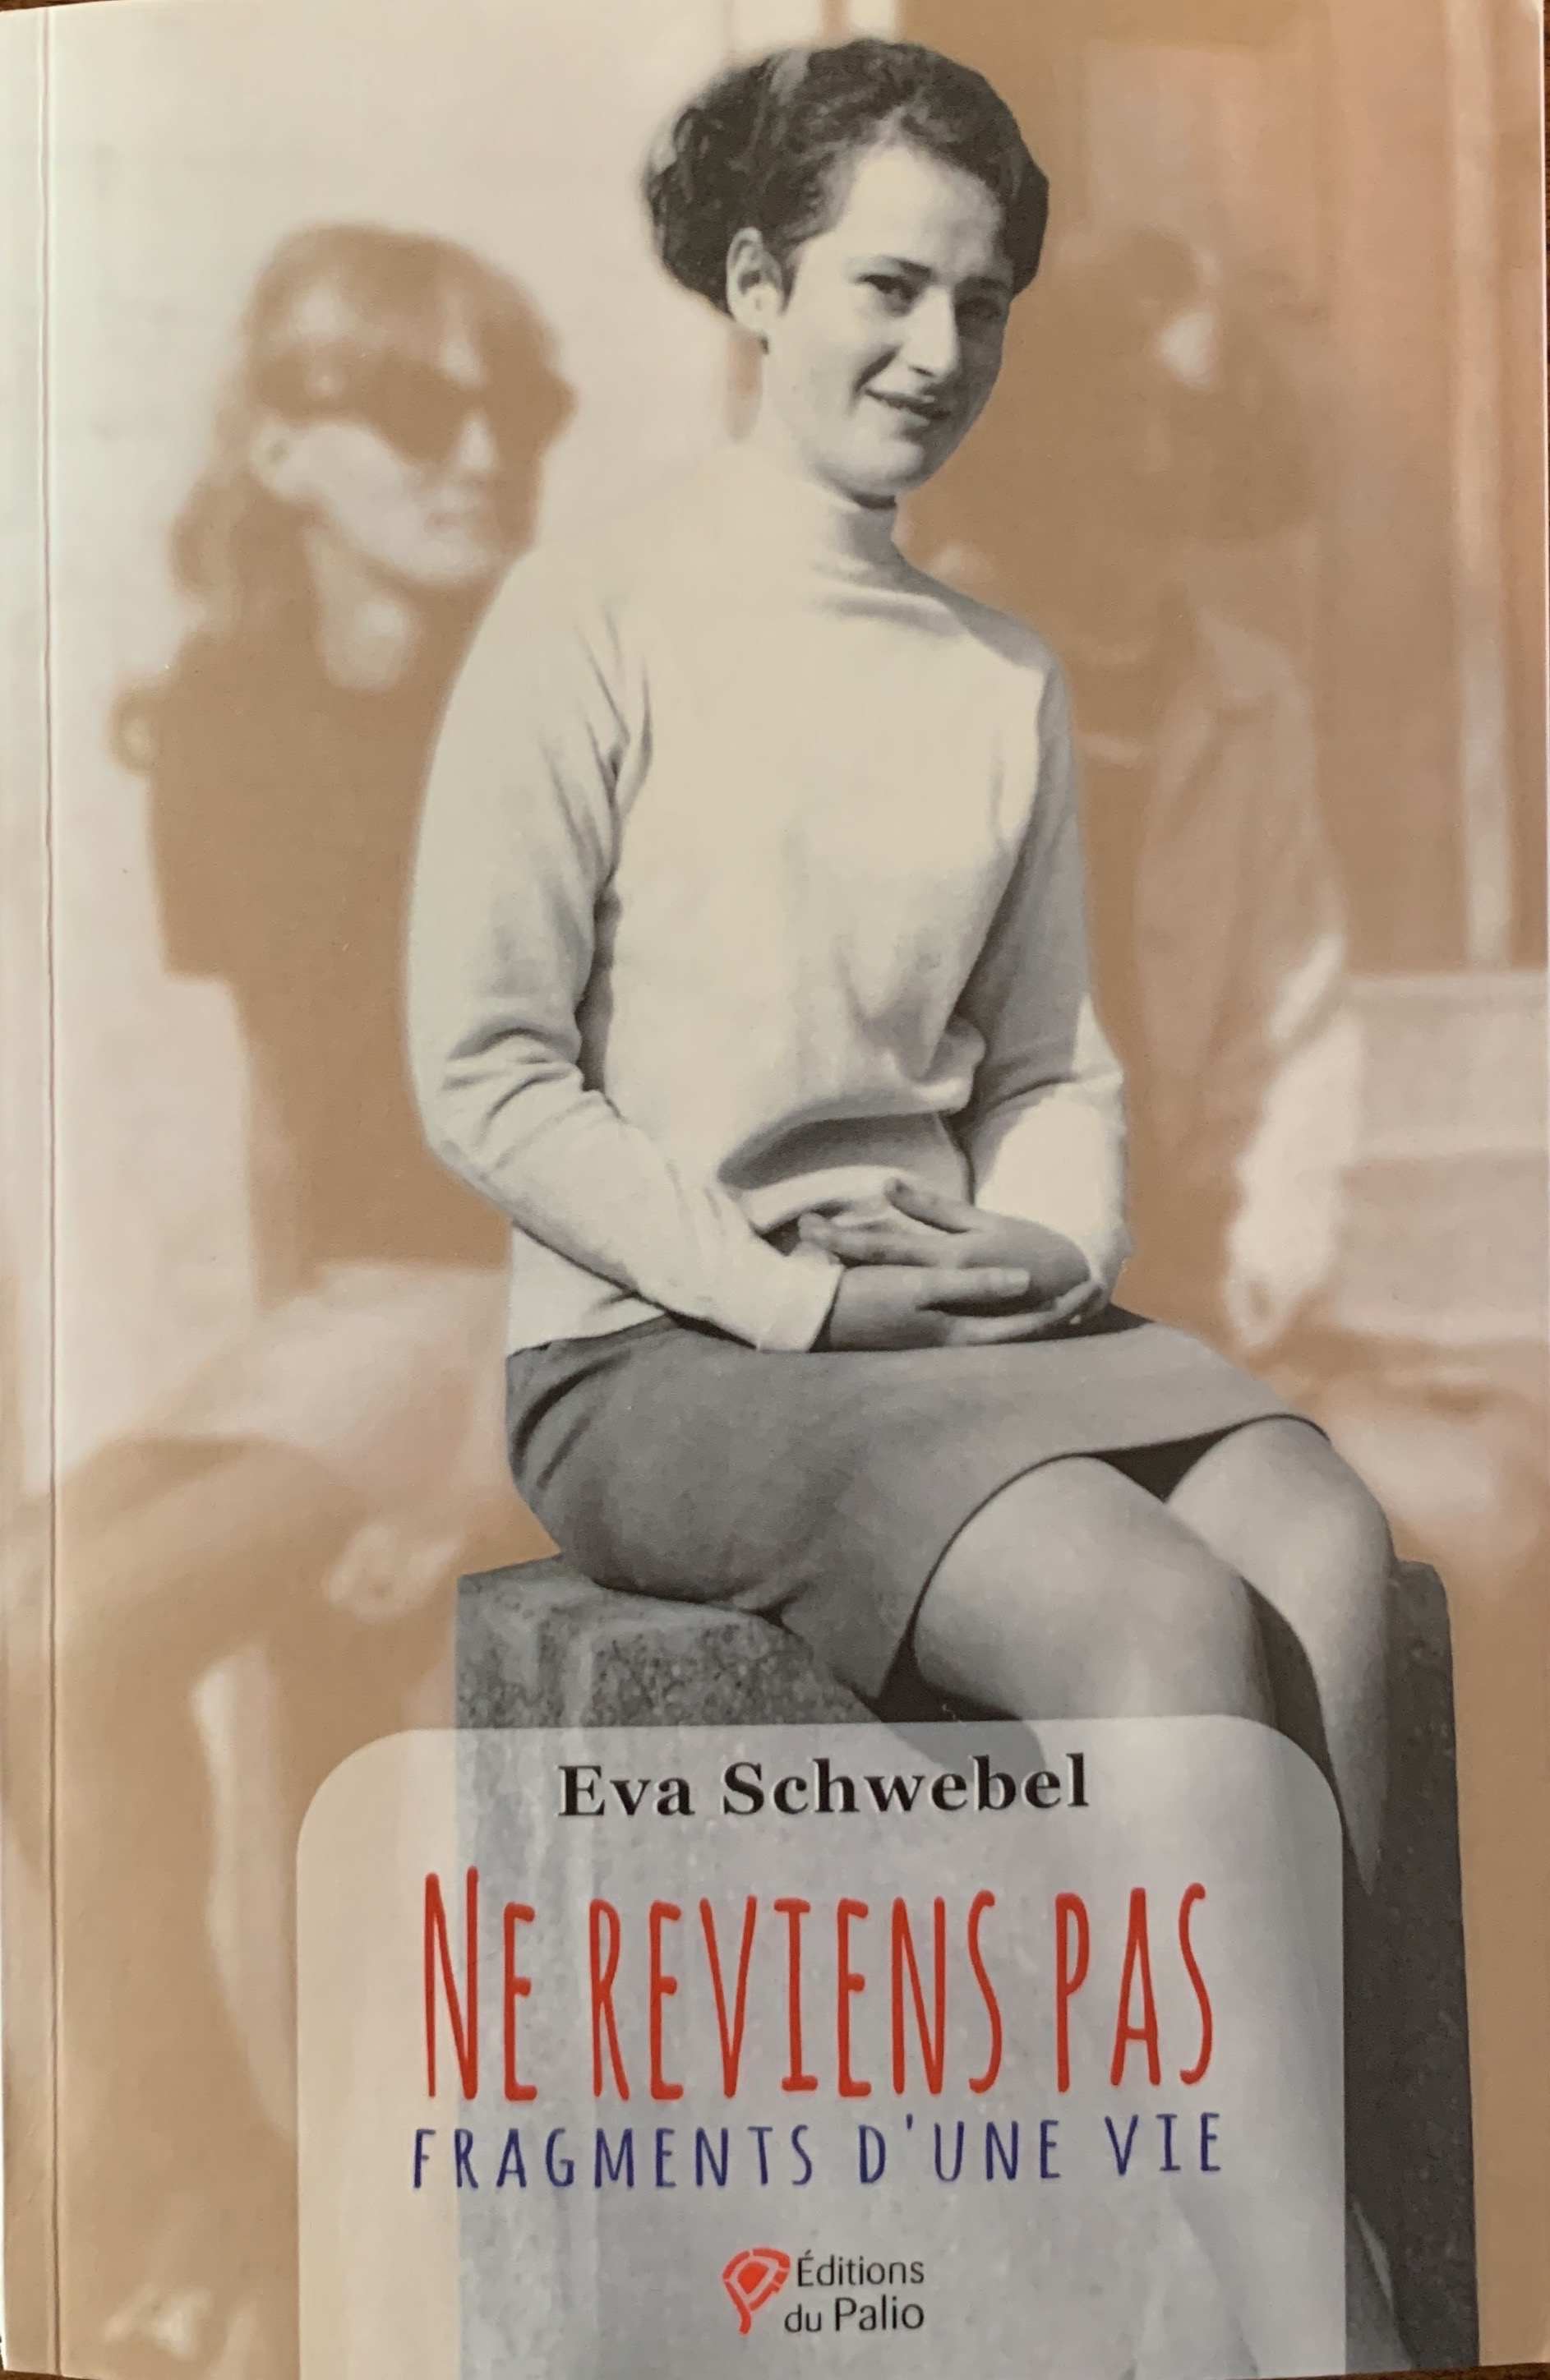 Ne reviens pas, fragments d'une vie, de et avec Eva Schwebel